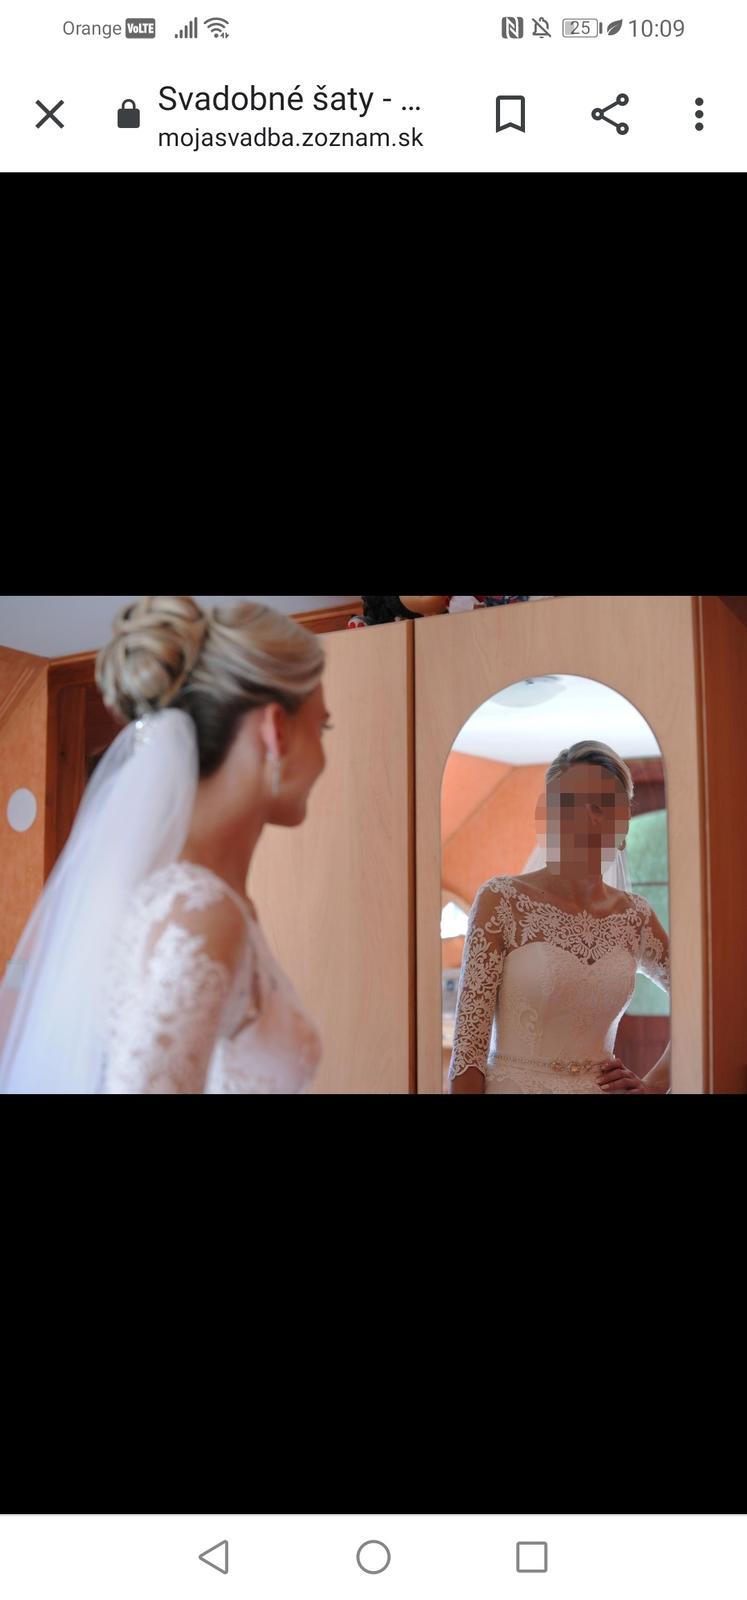 Svadobné šaty irian sam - Obrázok č. 3